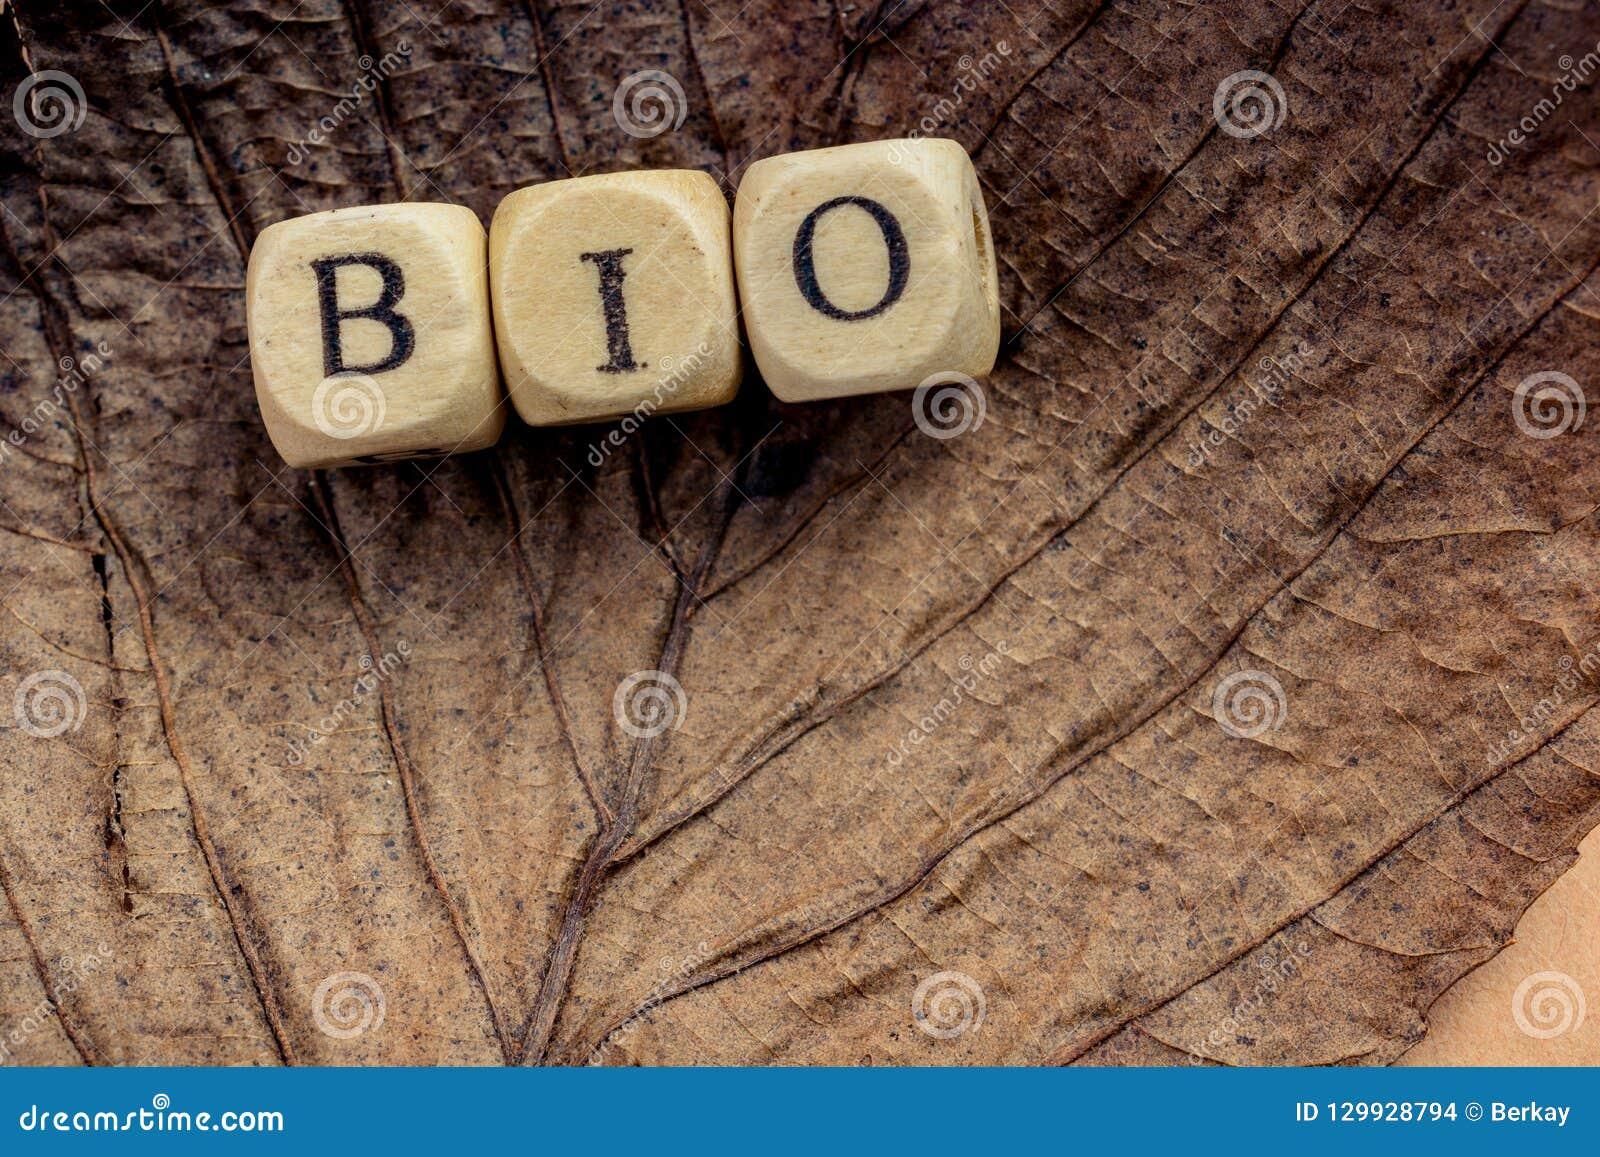 Bio- espressione di stile di vita e sana del vegano di simbolo sulla foglia